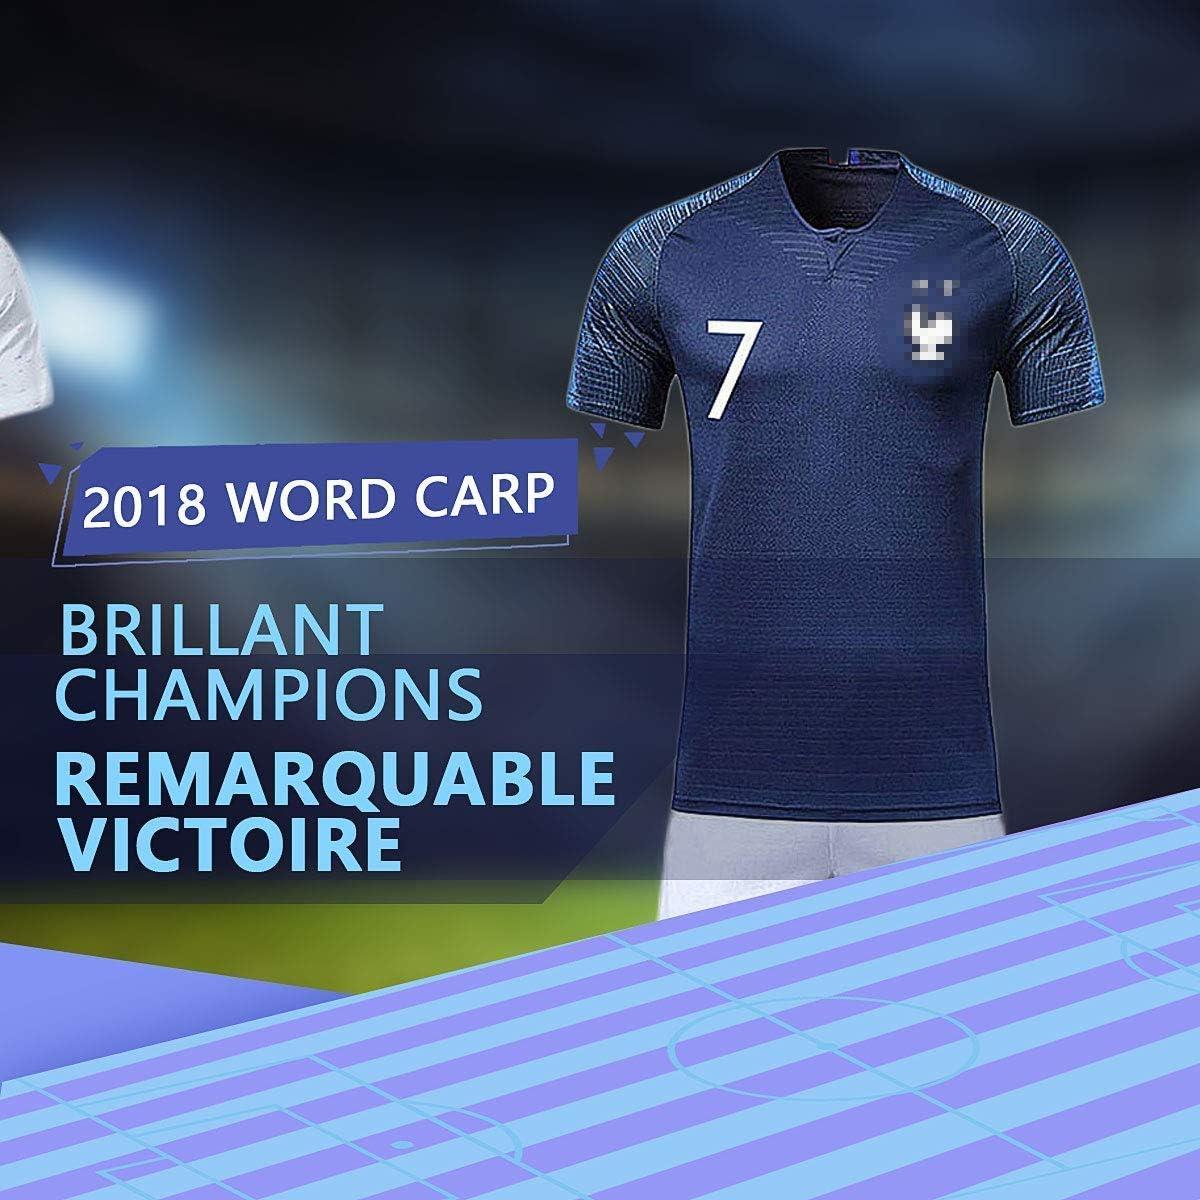 Rongli Maillots de Football T-Shirt 2 /Étoiles V/êtements de Football avec Chaussettes et Accessoires Chemise de Football pour Hommes Enfants